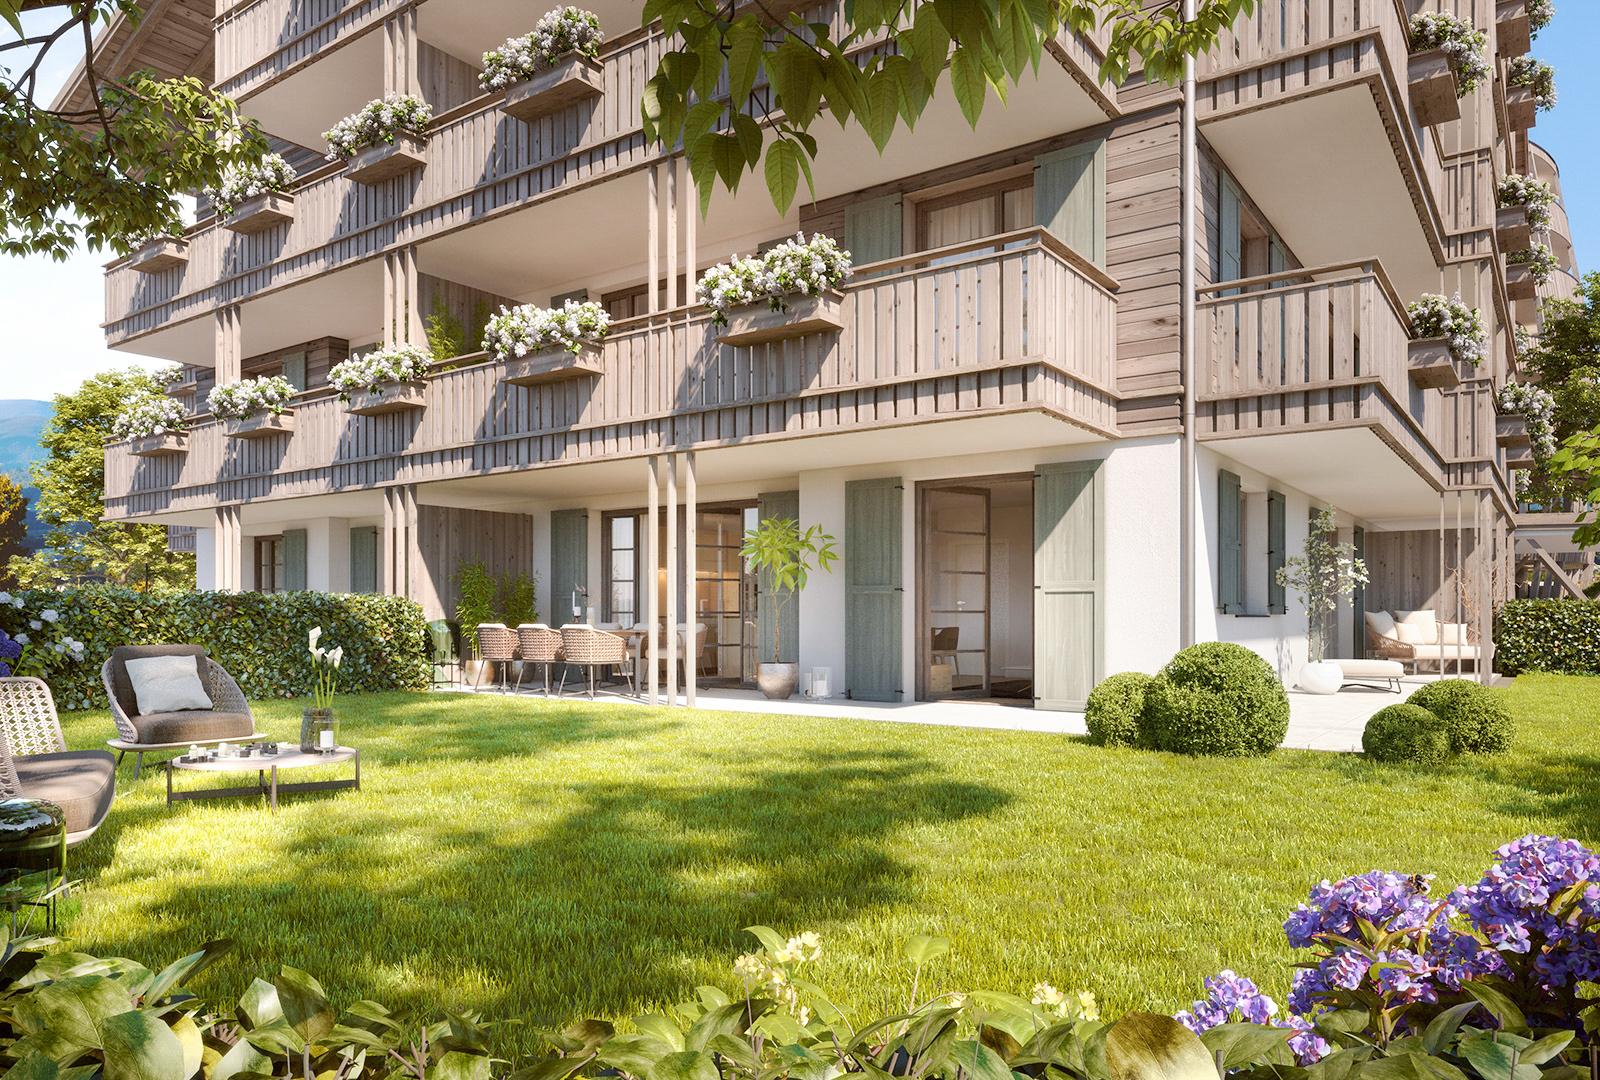 tegernsee-eigentumswohnungen-kaufen-quartier-leeberg-terrasse.jpg